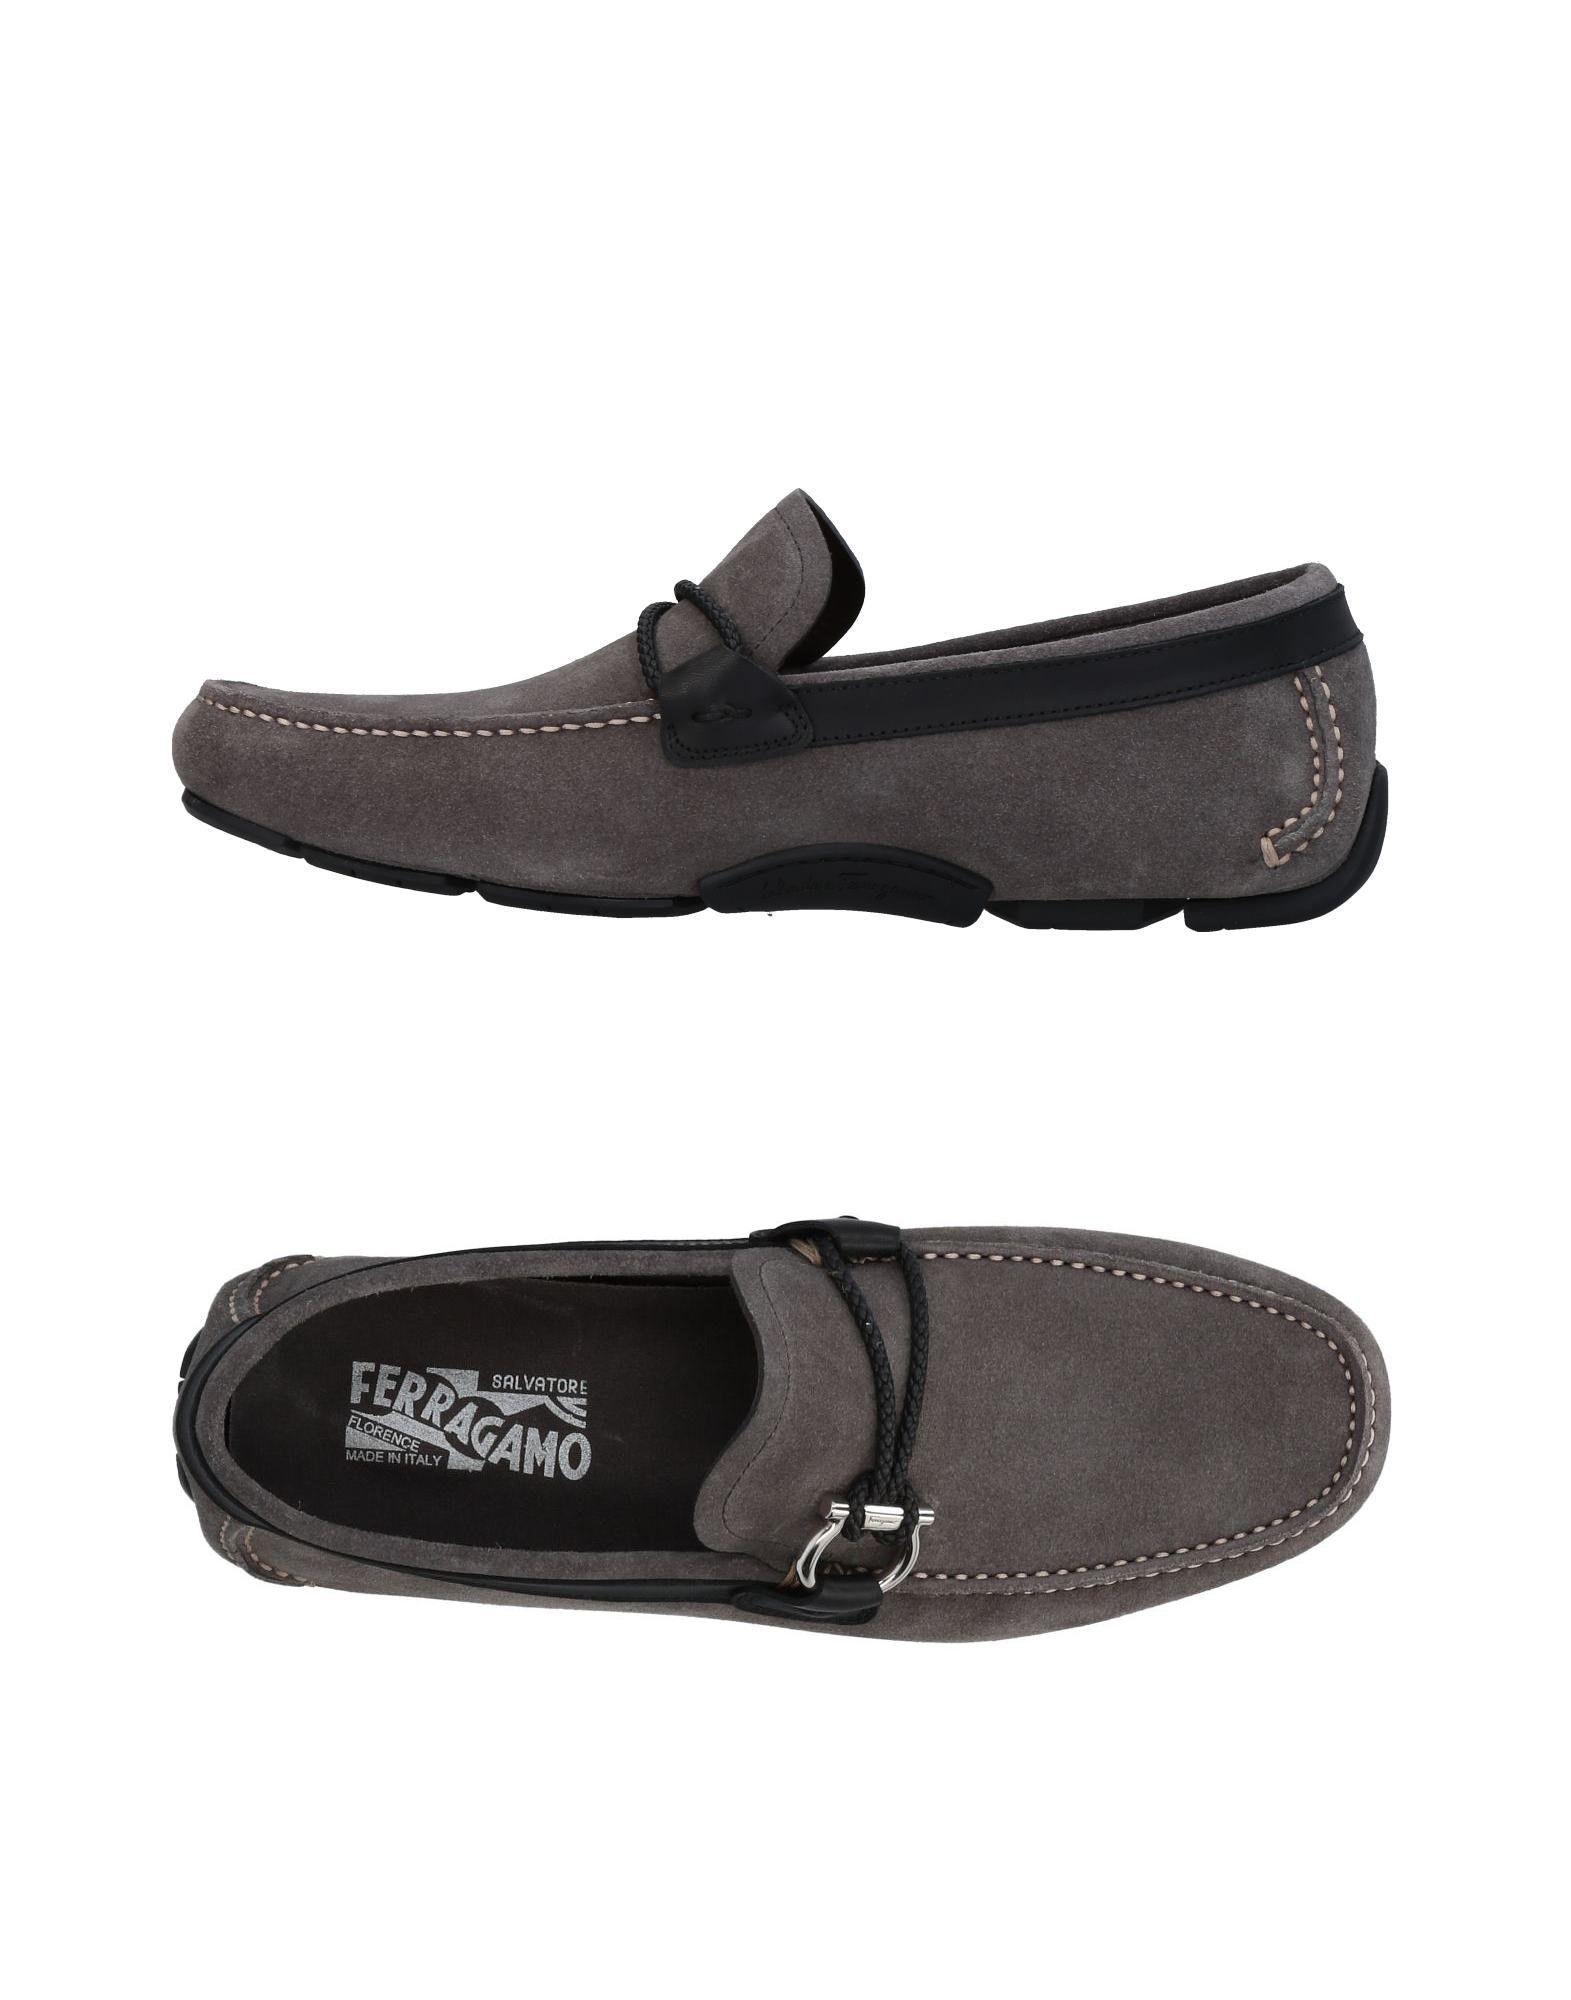 Salvatore Ferragamo Loafers In Grey